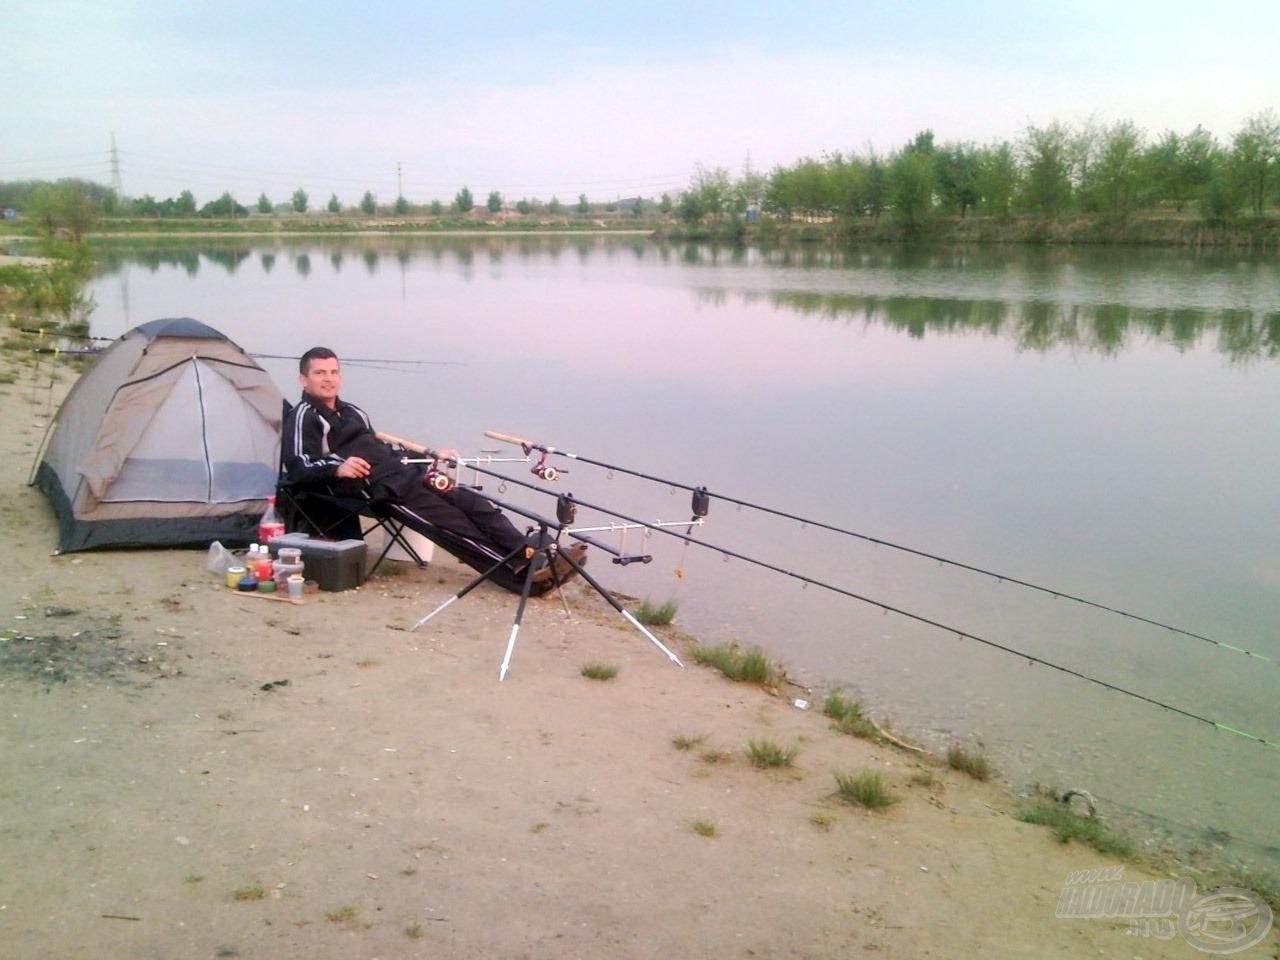 Ma már csak mosolygok ezen a horgászálláson, akkoriban ez természetesnek tűnt